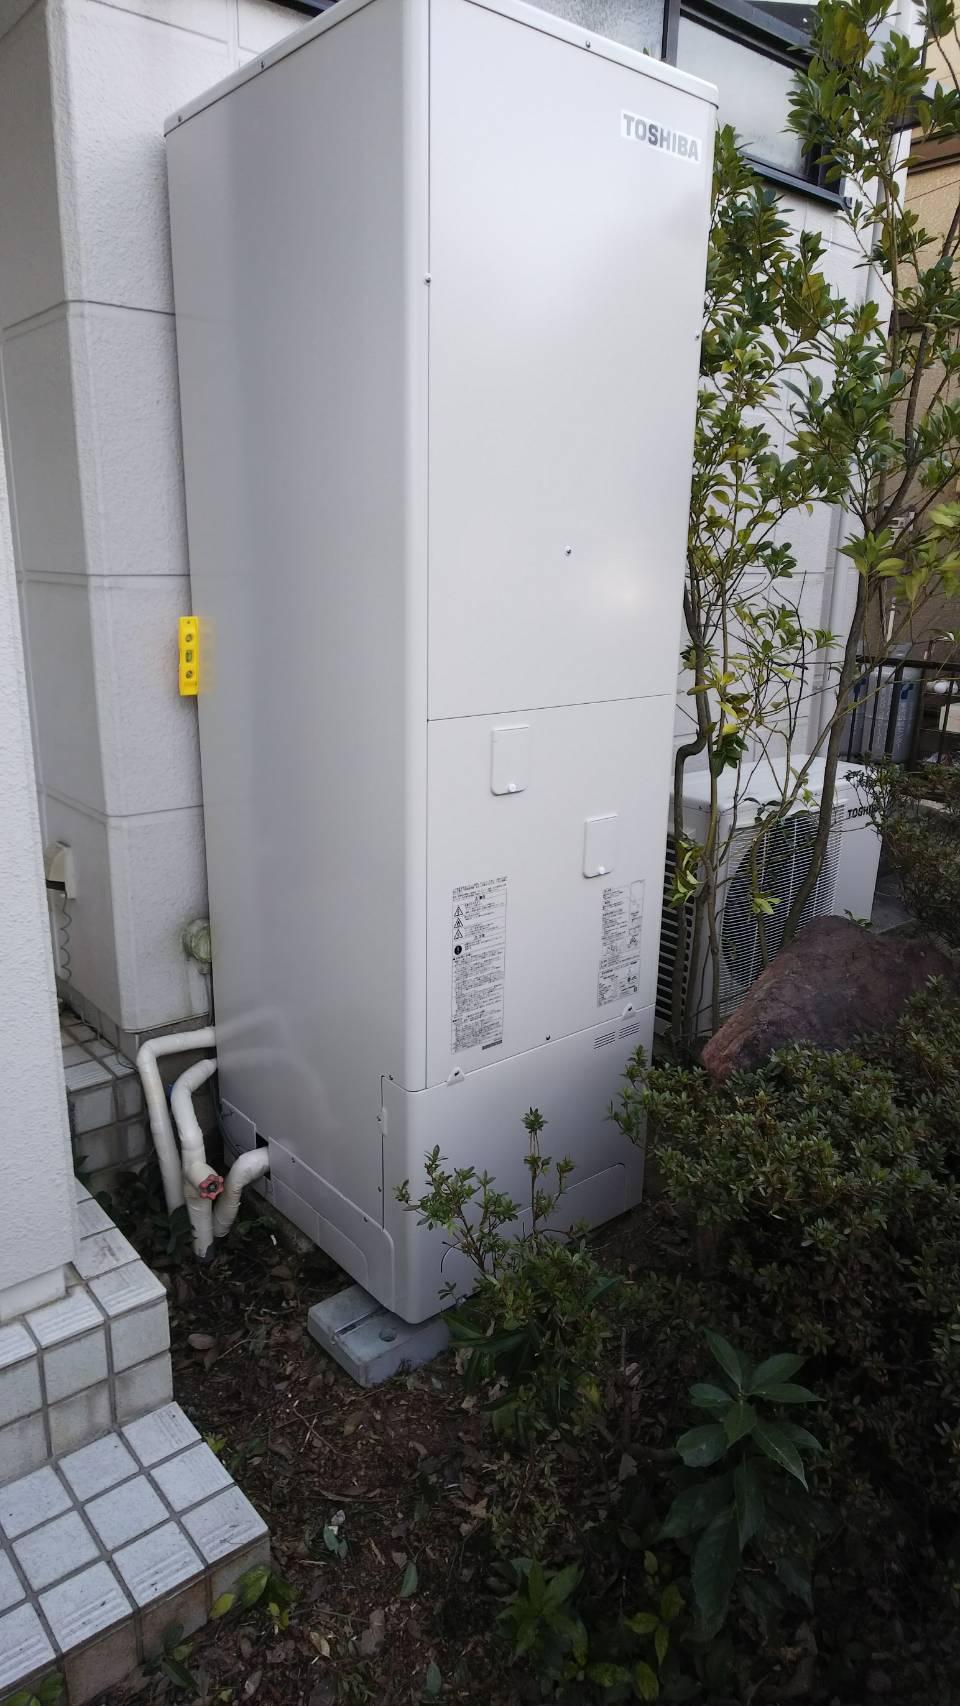 京都府東芝エコキュートHWH-B465HA三菱IHクッキングヒーターCS-G32MS施工後の写真